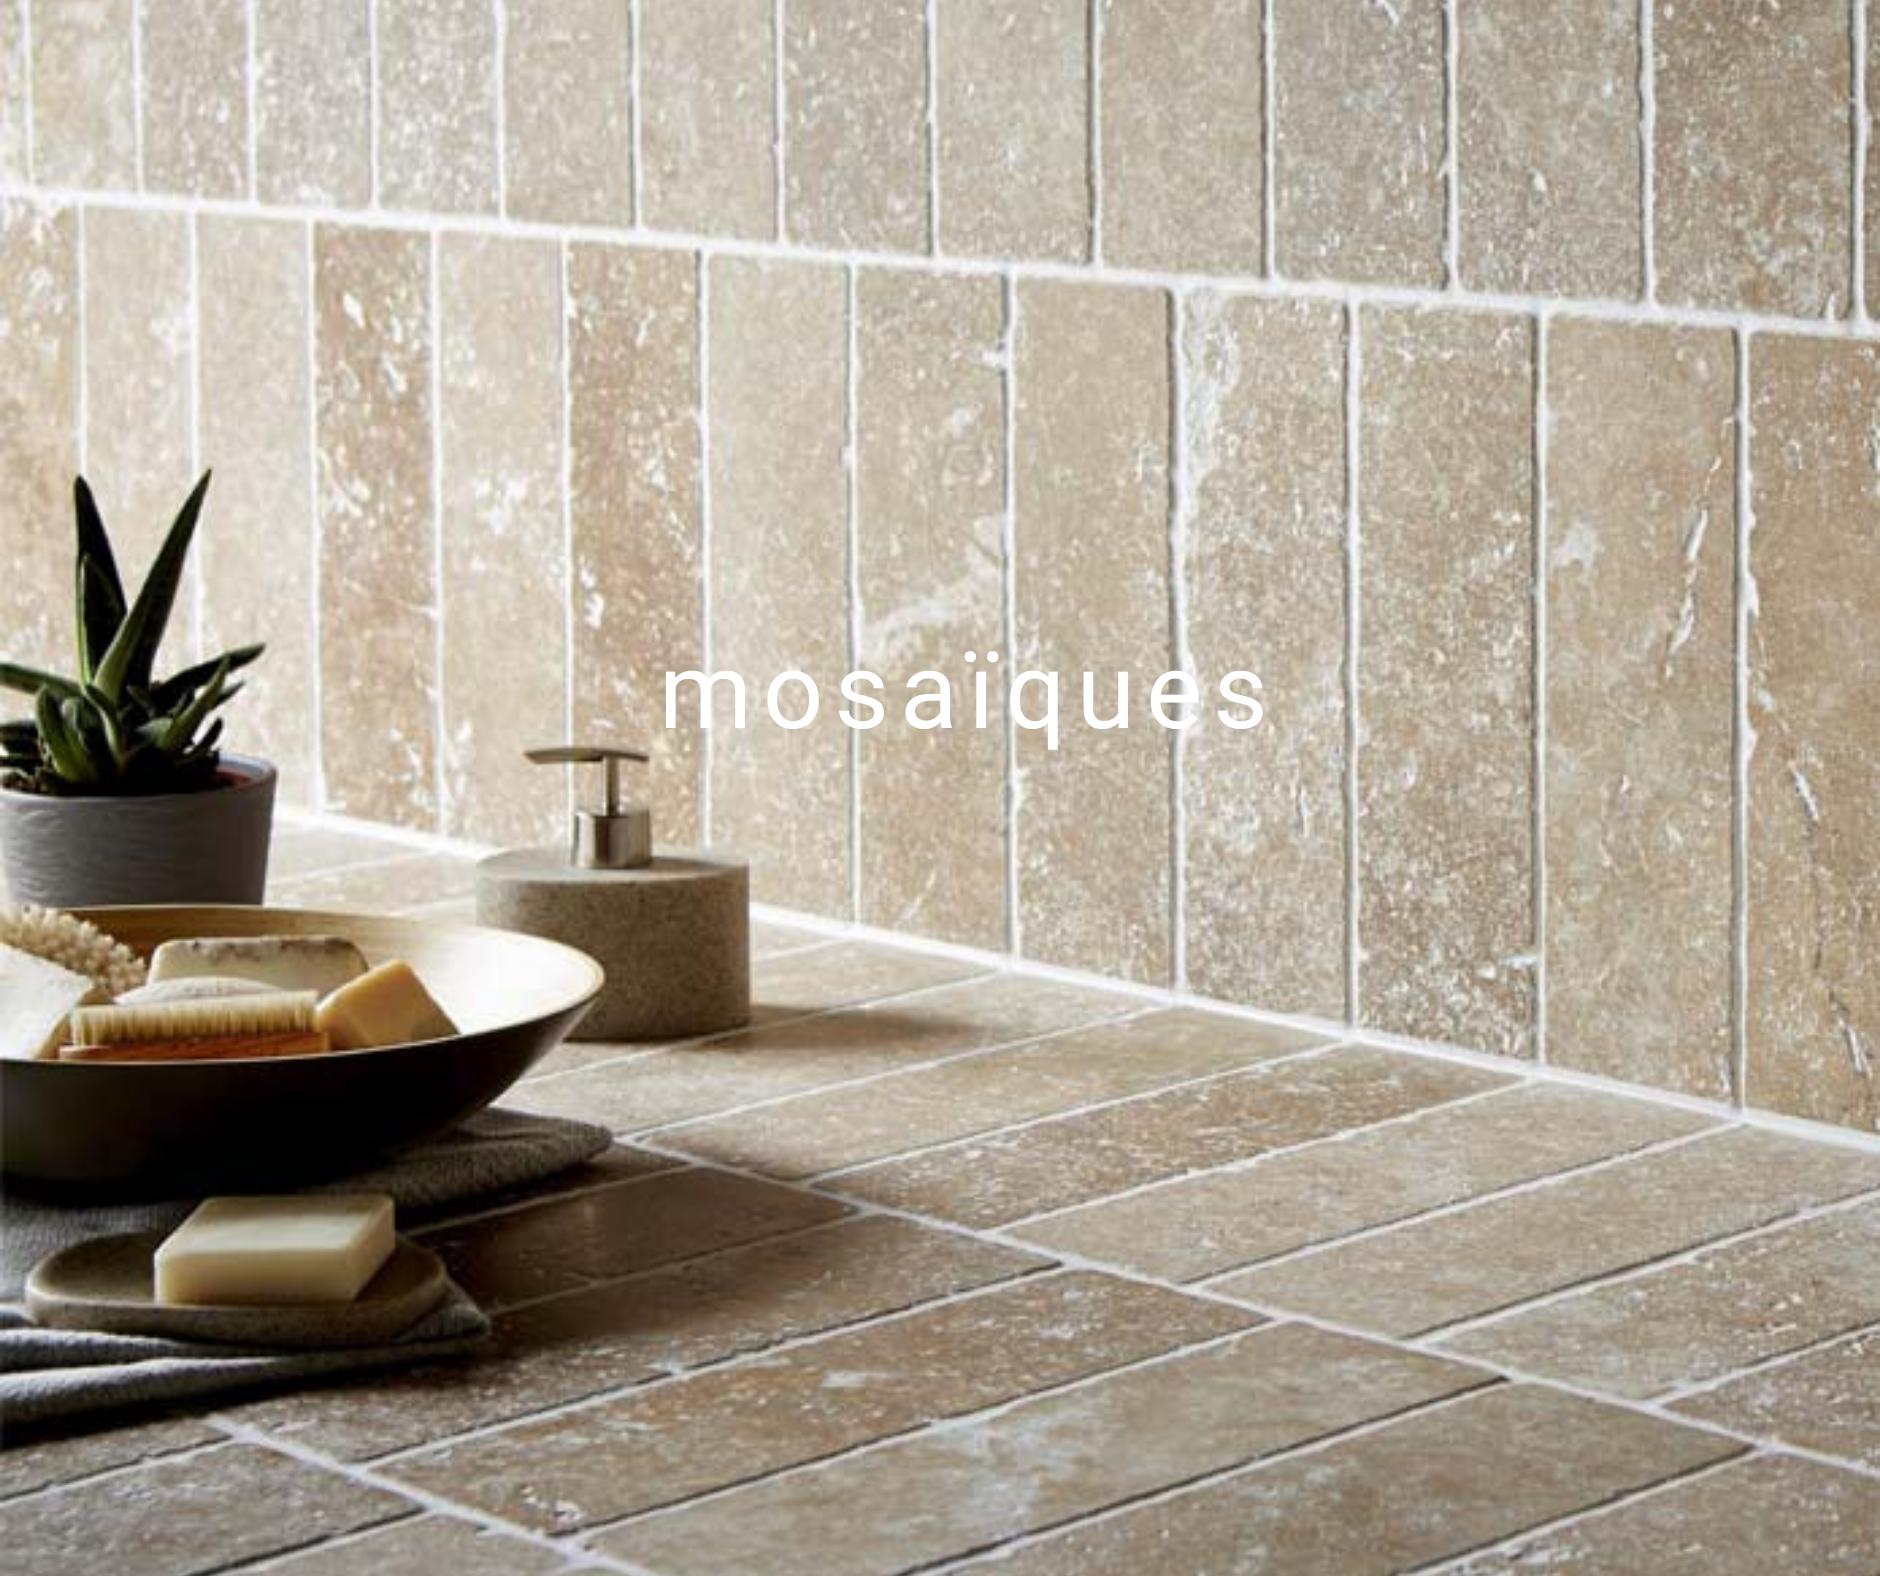 mosaïques apex pierre